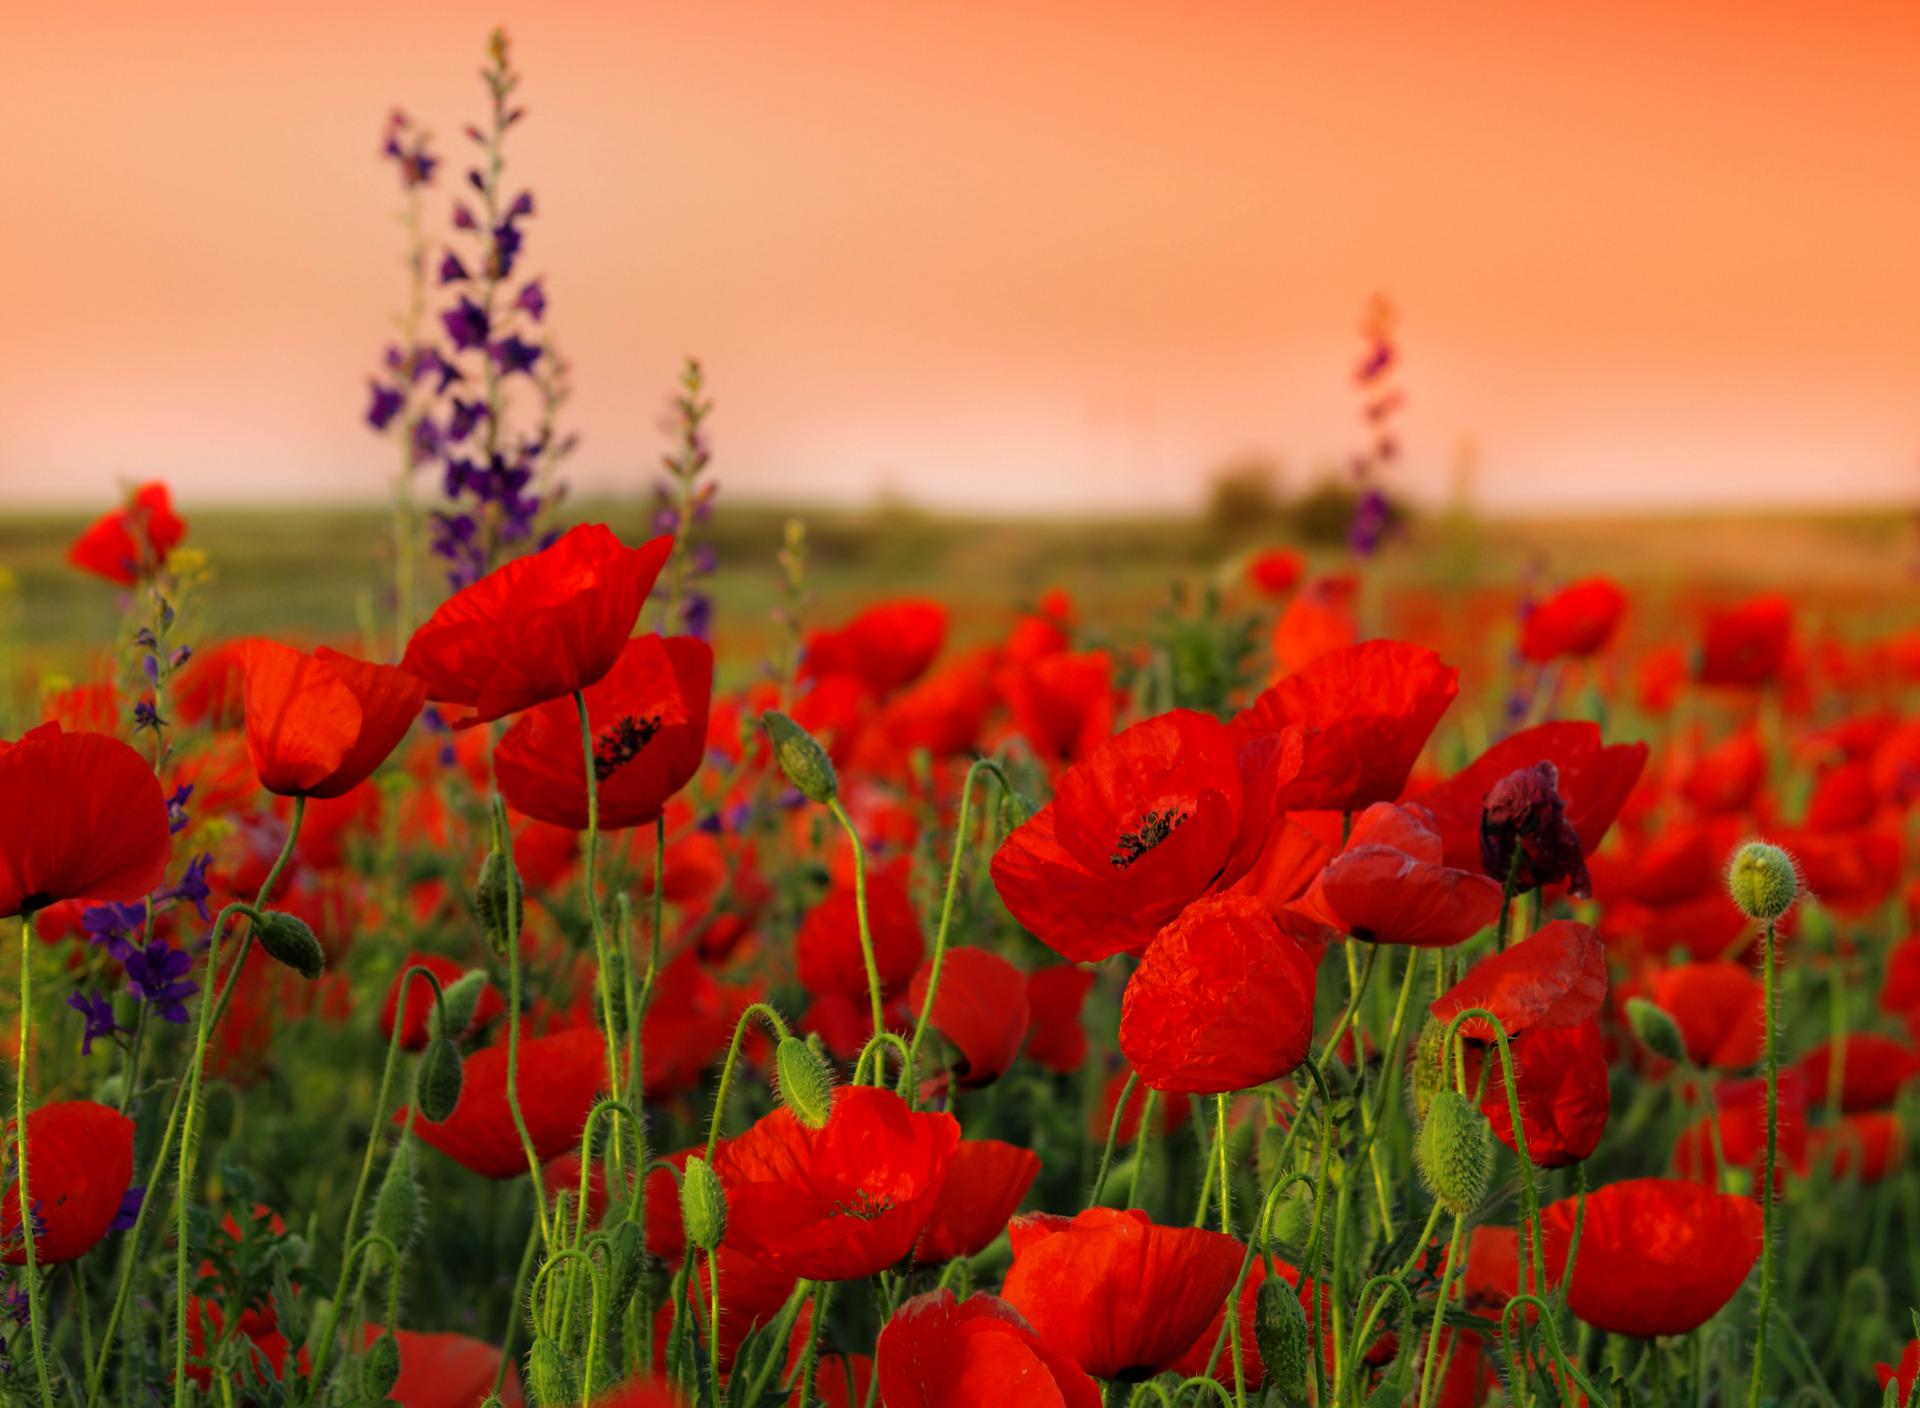 моряком это фото полевых цветов в хорошем качестве интеграцию балаклавы